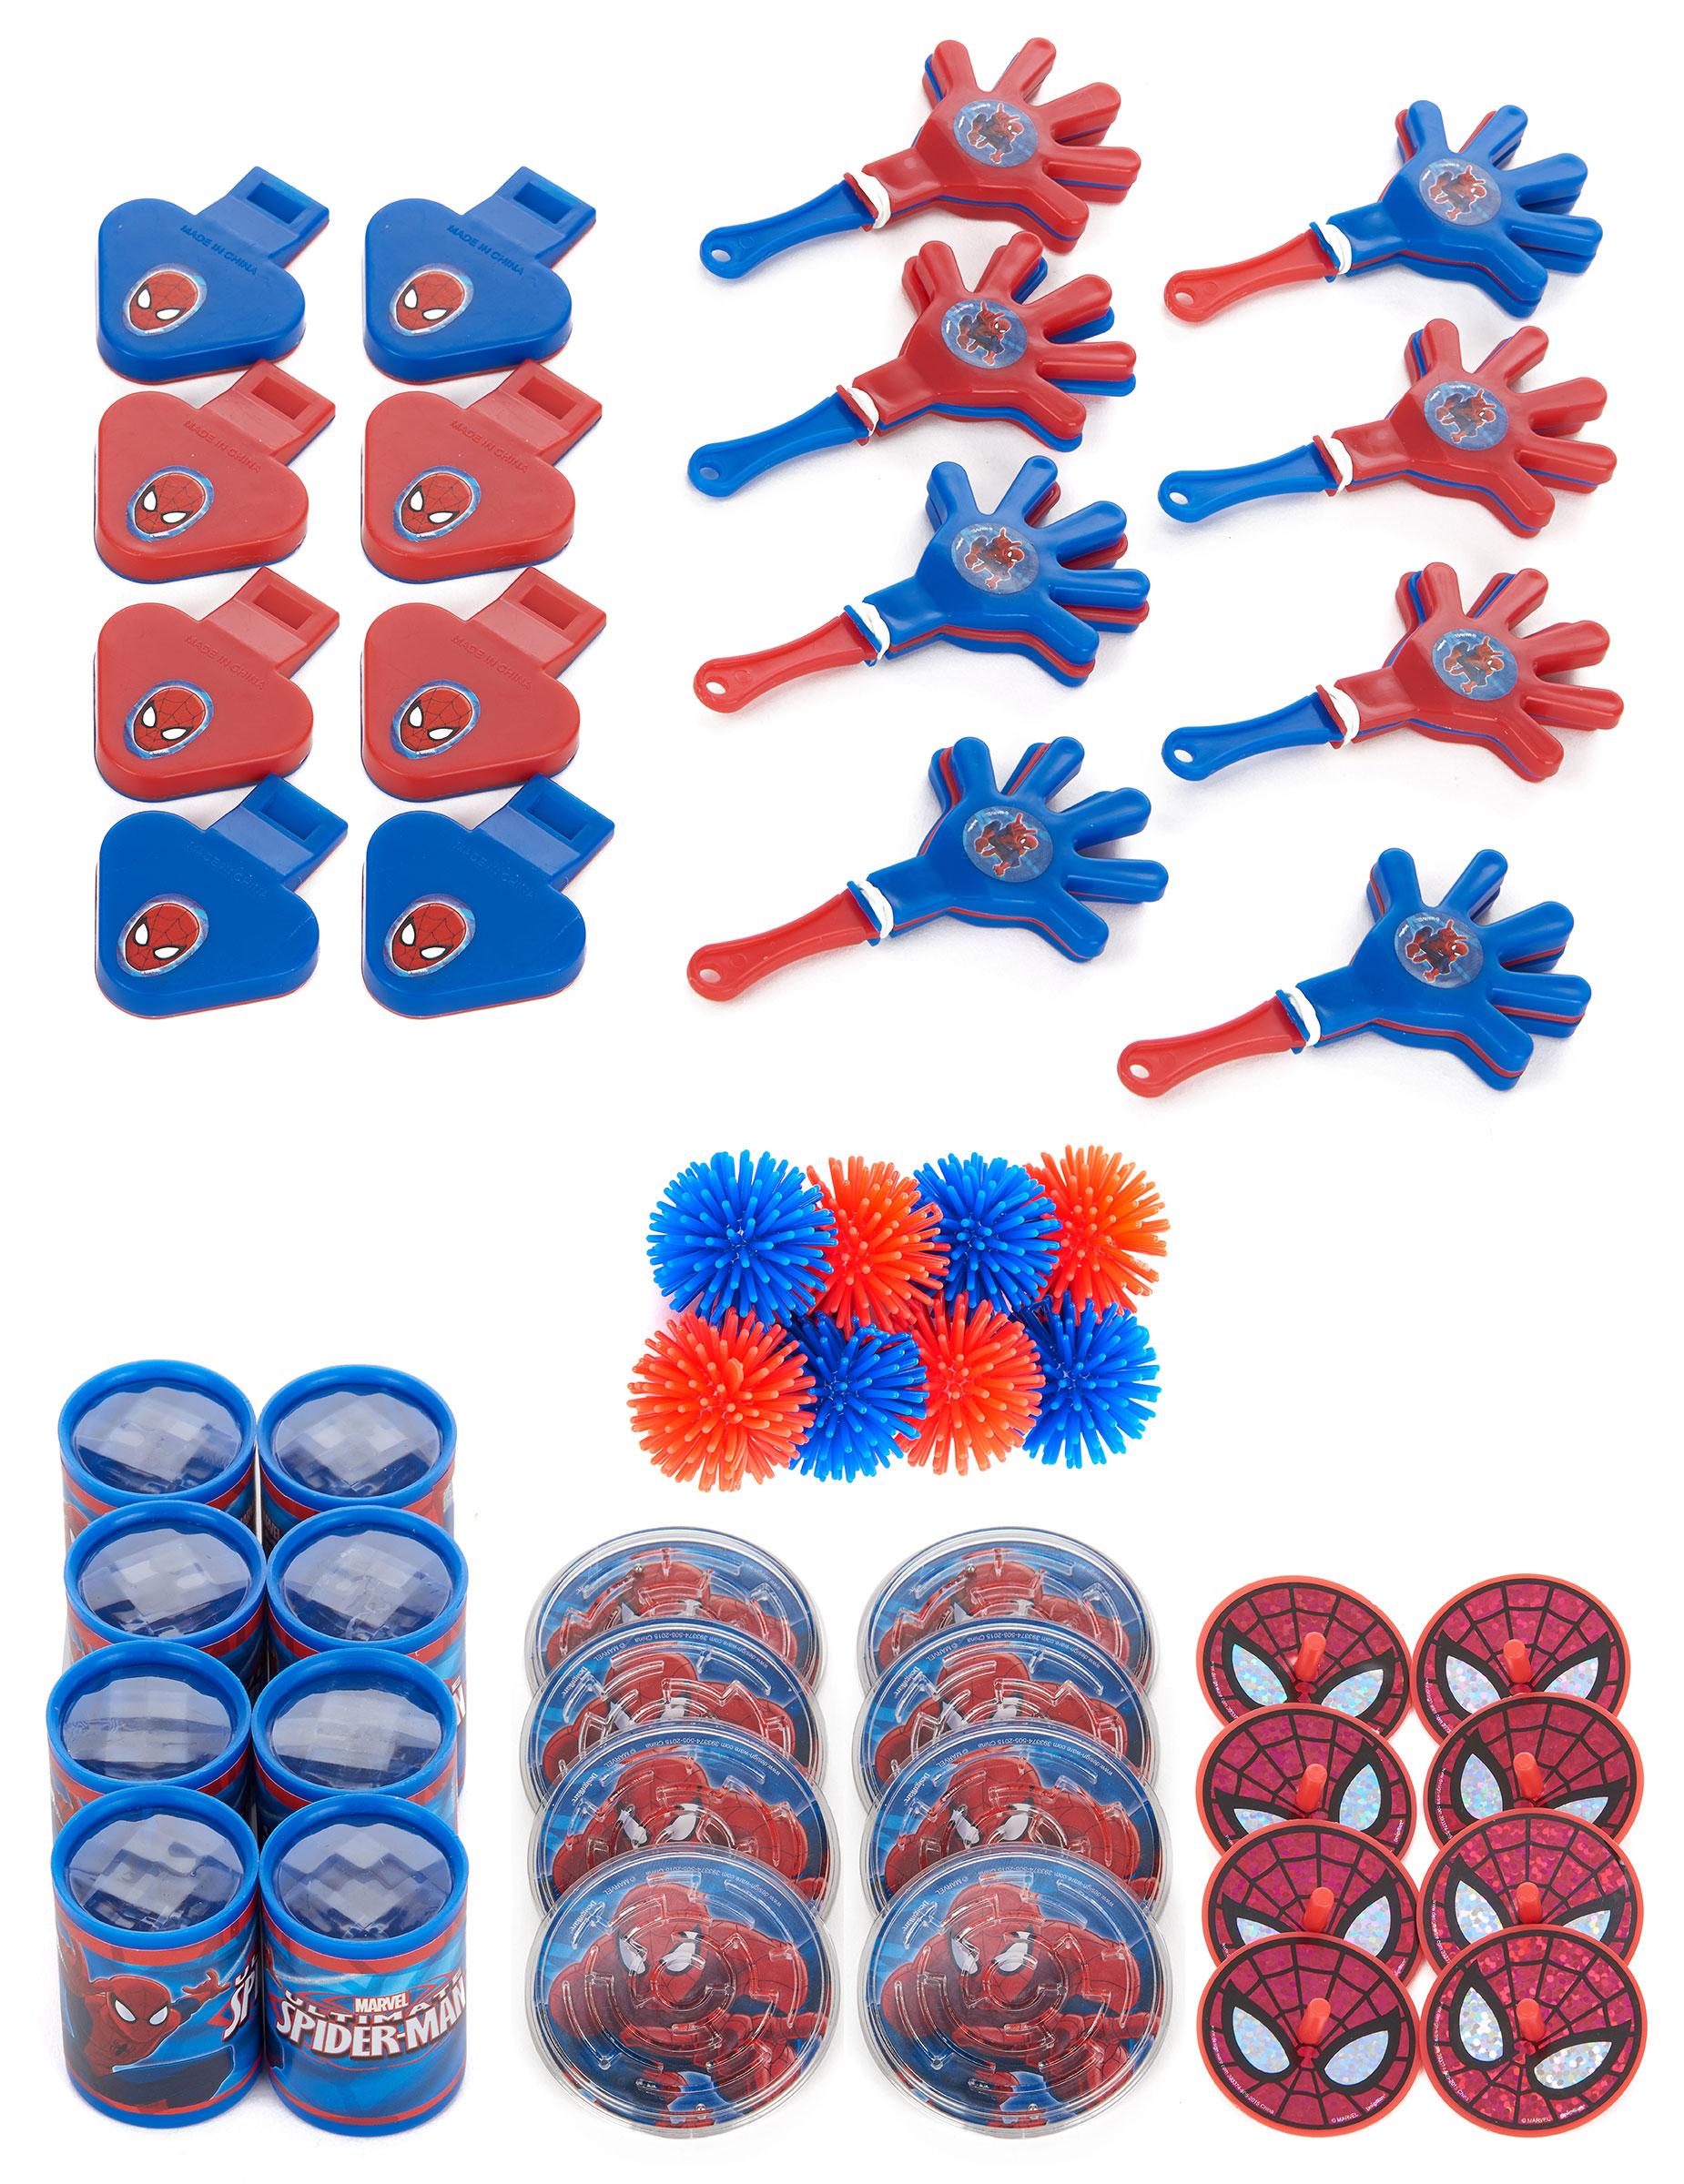 48 petits cadeaux spiderman d coration anniversaire et f tes th me sur vegaoo party - Deco anniversaire spiderman ...